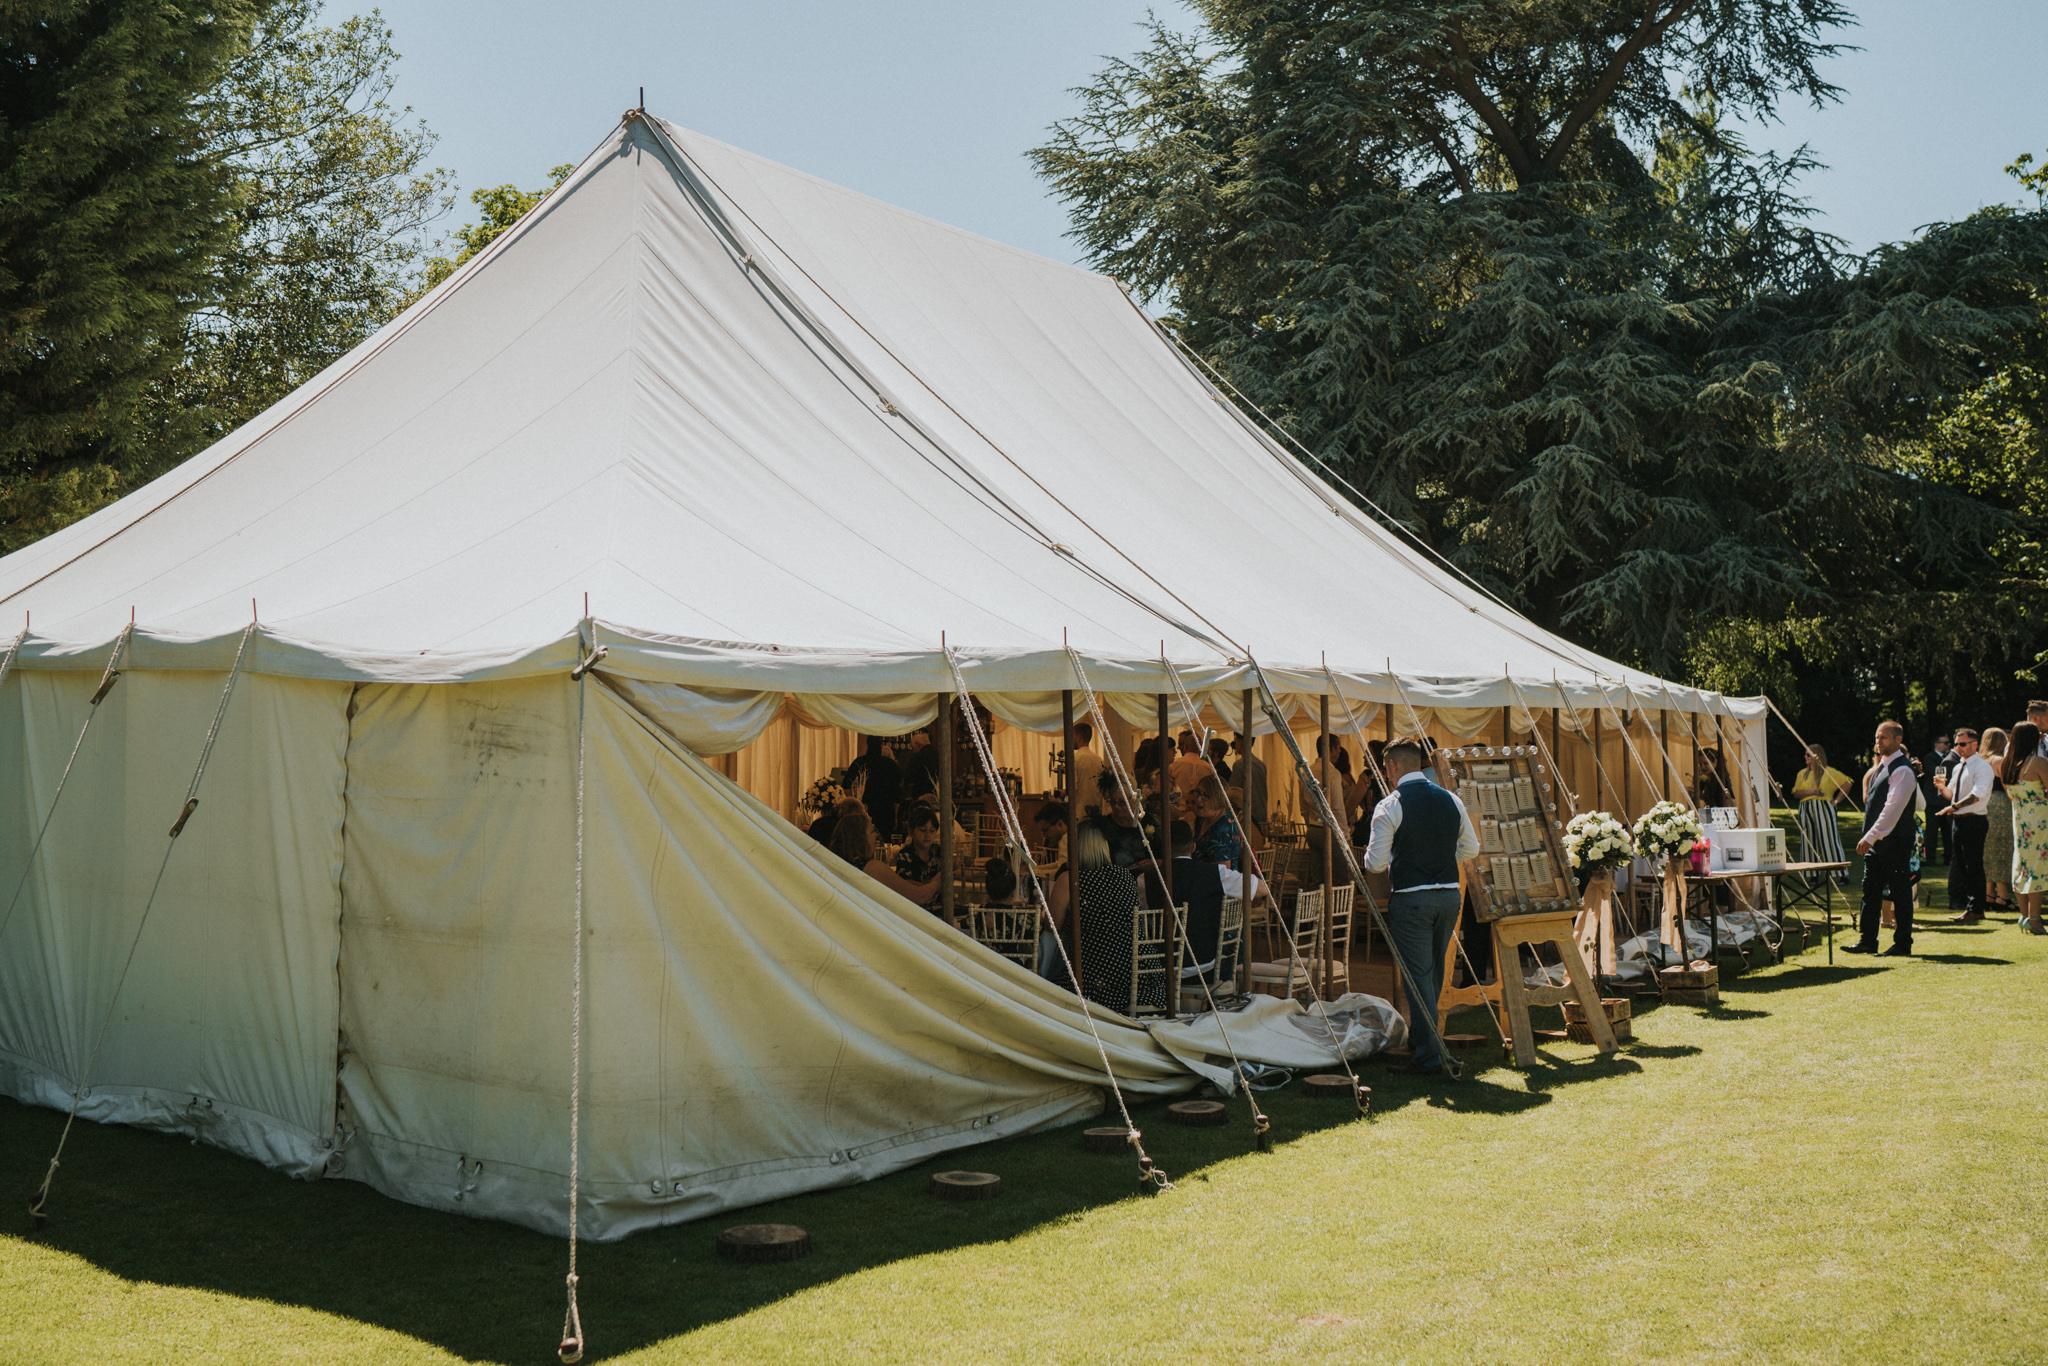 steph-neil-red-brick-barn-rochford-wedding-grace-elizabeth-colchester-essex-alternative-wedding-photographer-essex-suffolk-norfolk-devon (25 of 43).jpg